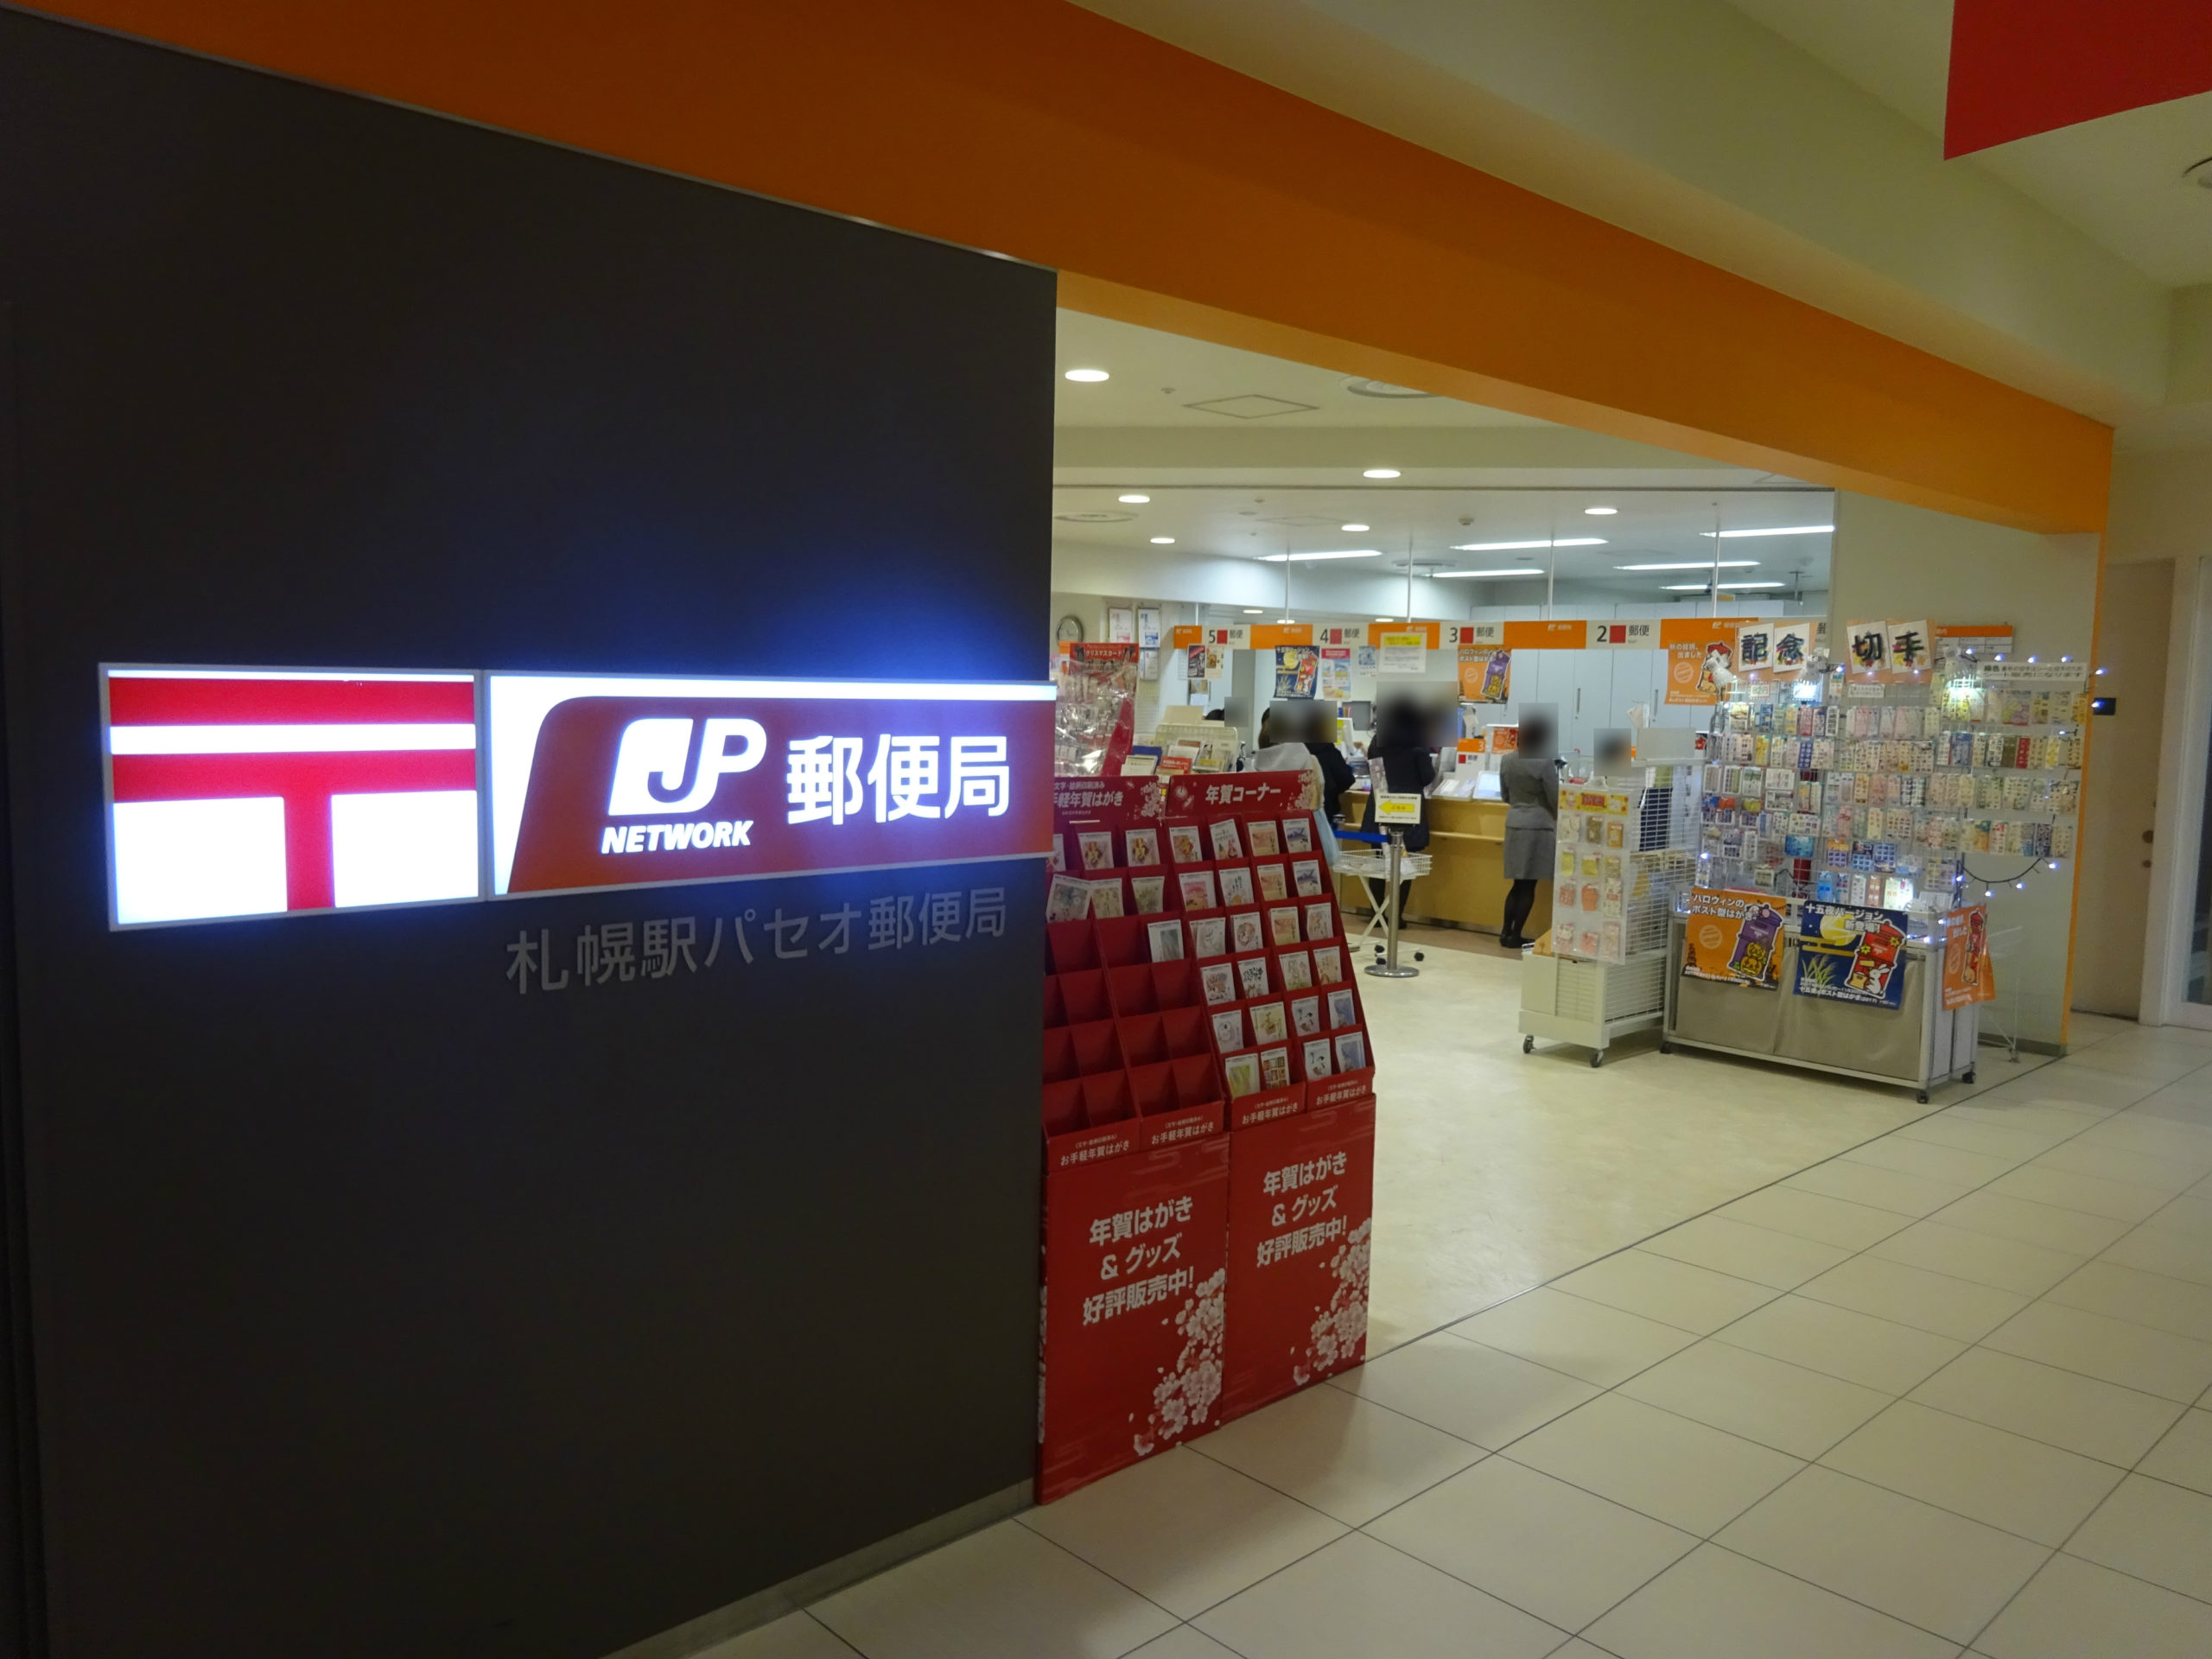 札幌駅周辺で土曜日・日曜日・祝祭日に営業している郵便局